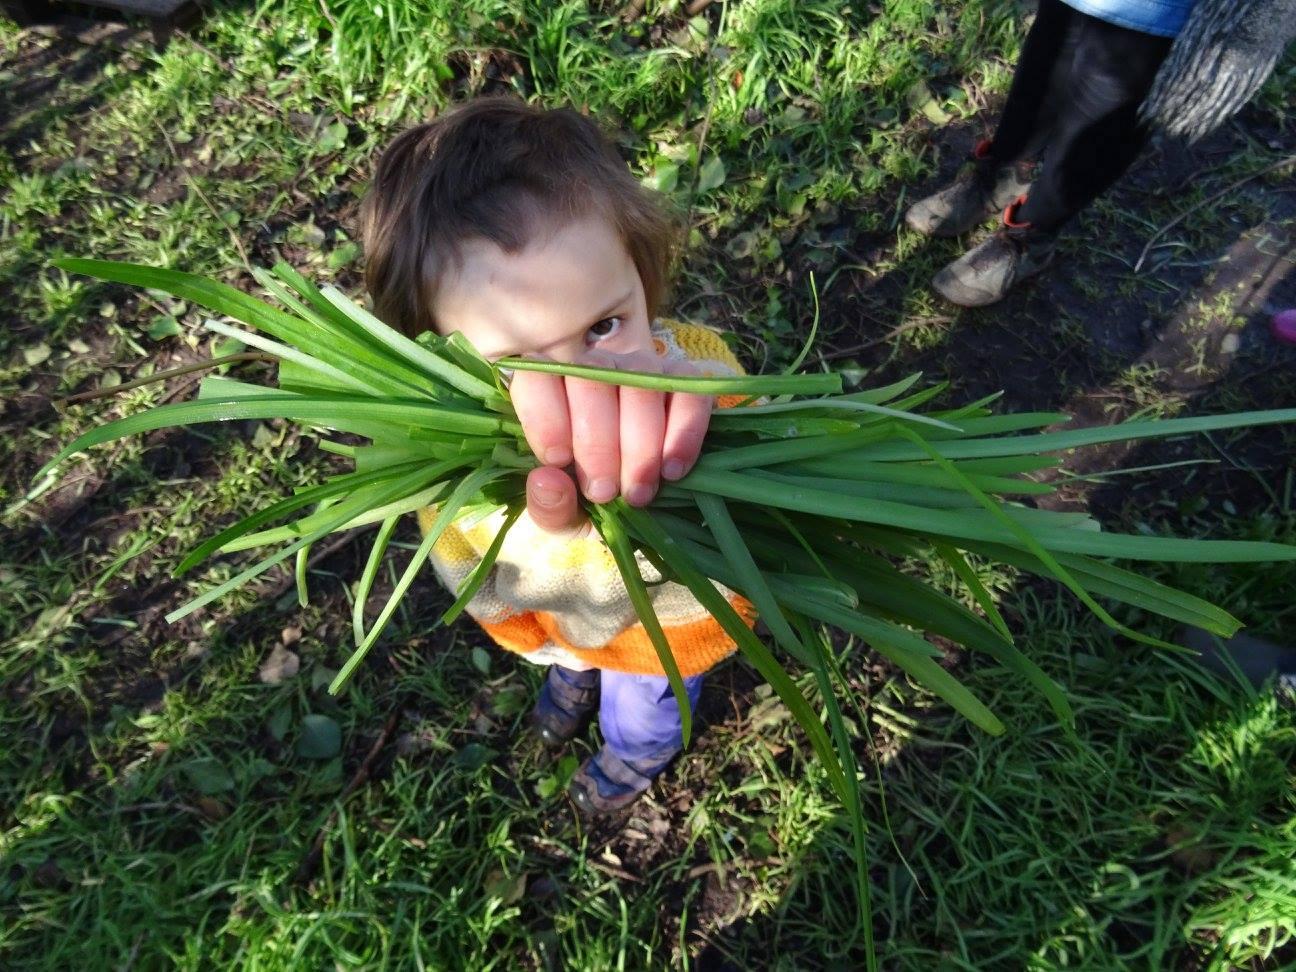 Wild garlic harvesting by Hetty